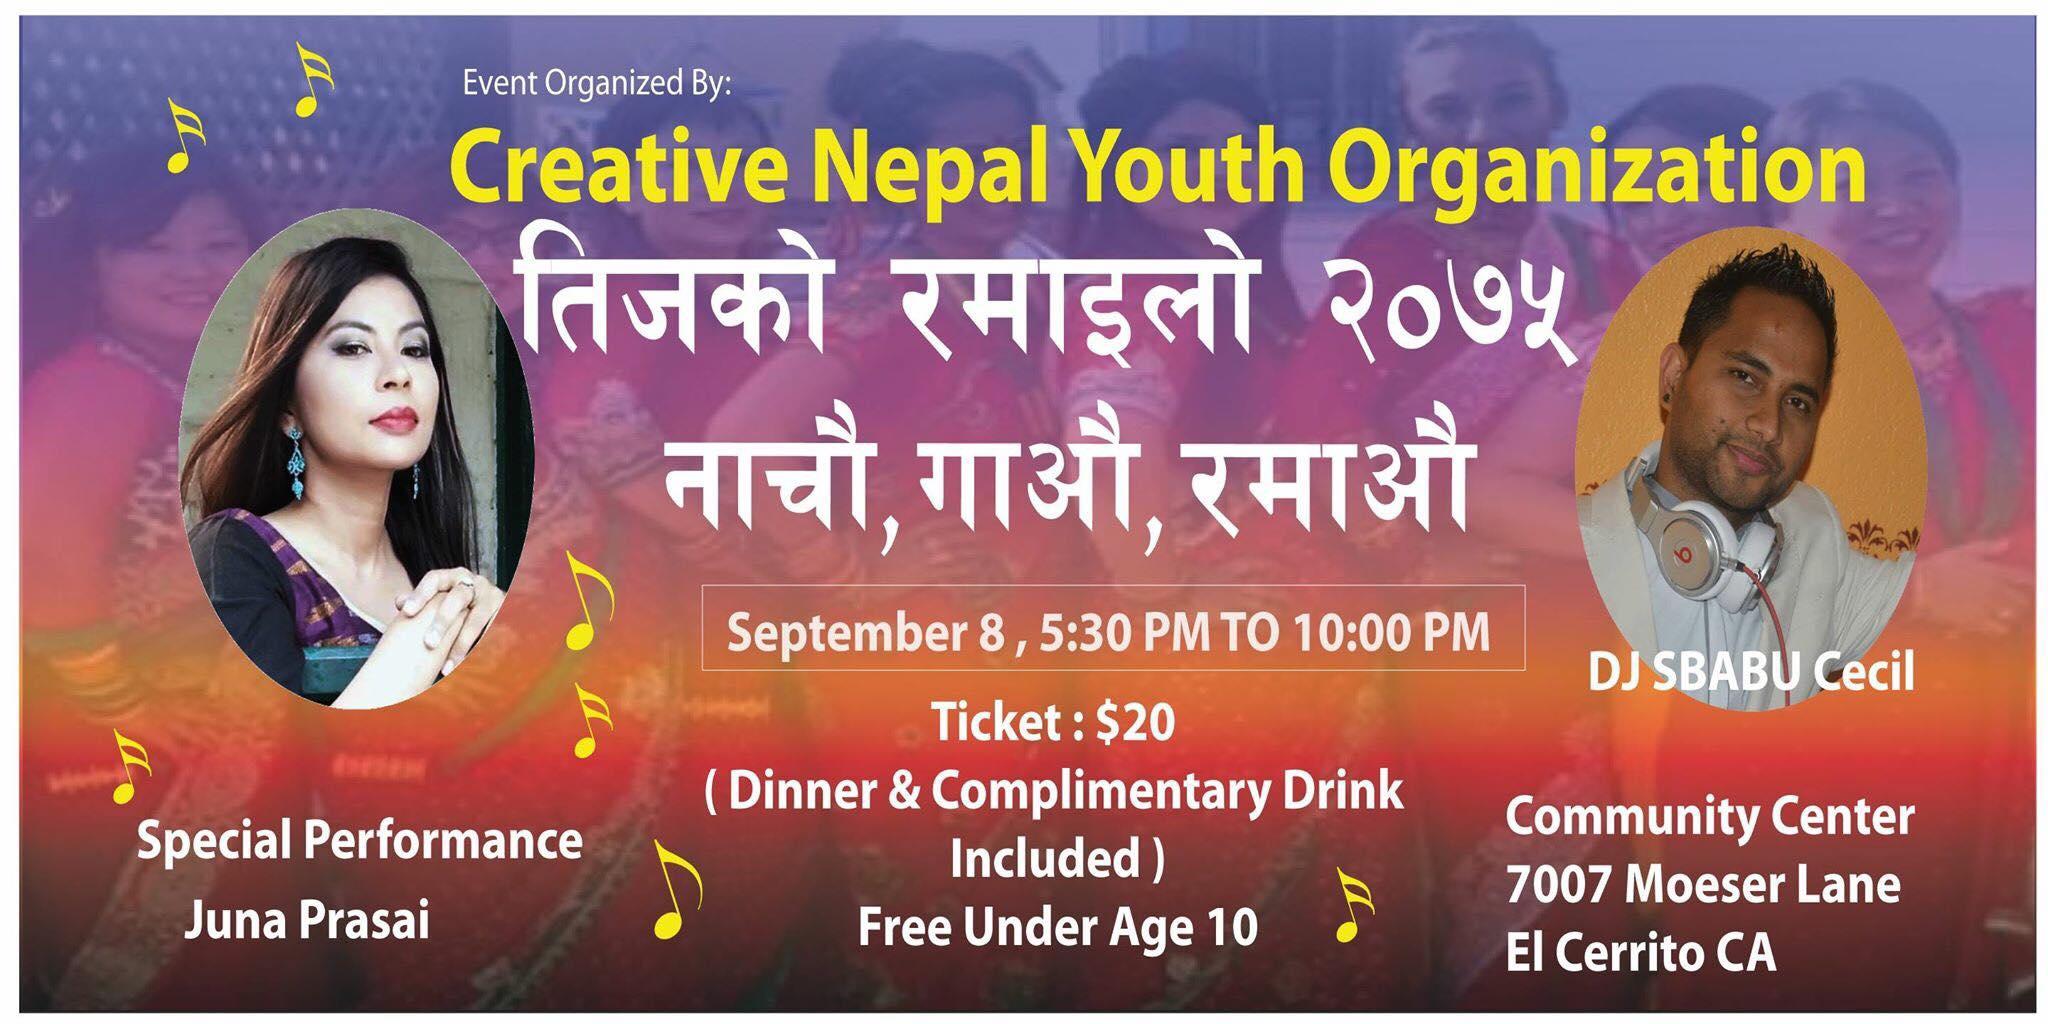 कृयटिभ नेपाल युथ अर्गनाईजेशनद्दारा 'रमाईलो तीज-२०७५'को आयोजना हुंदै